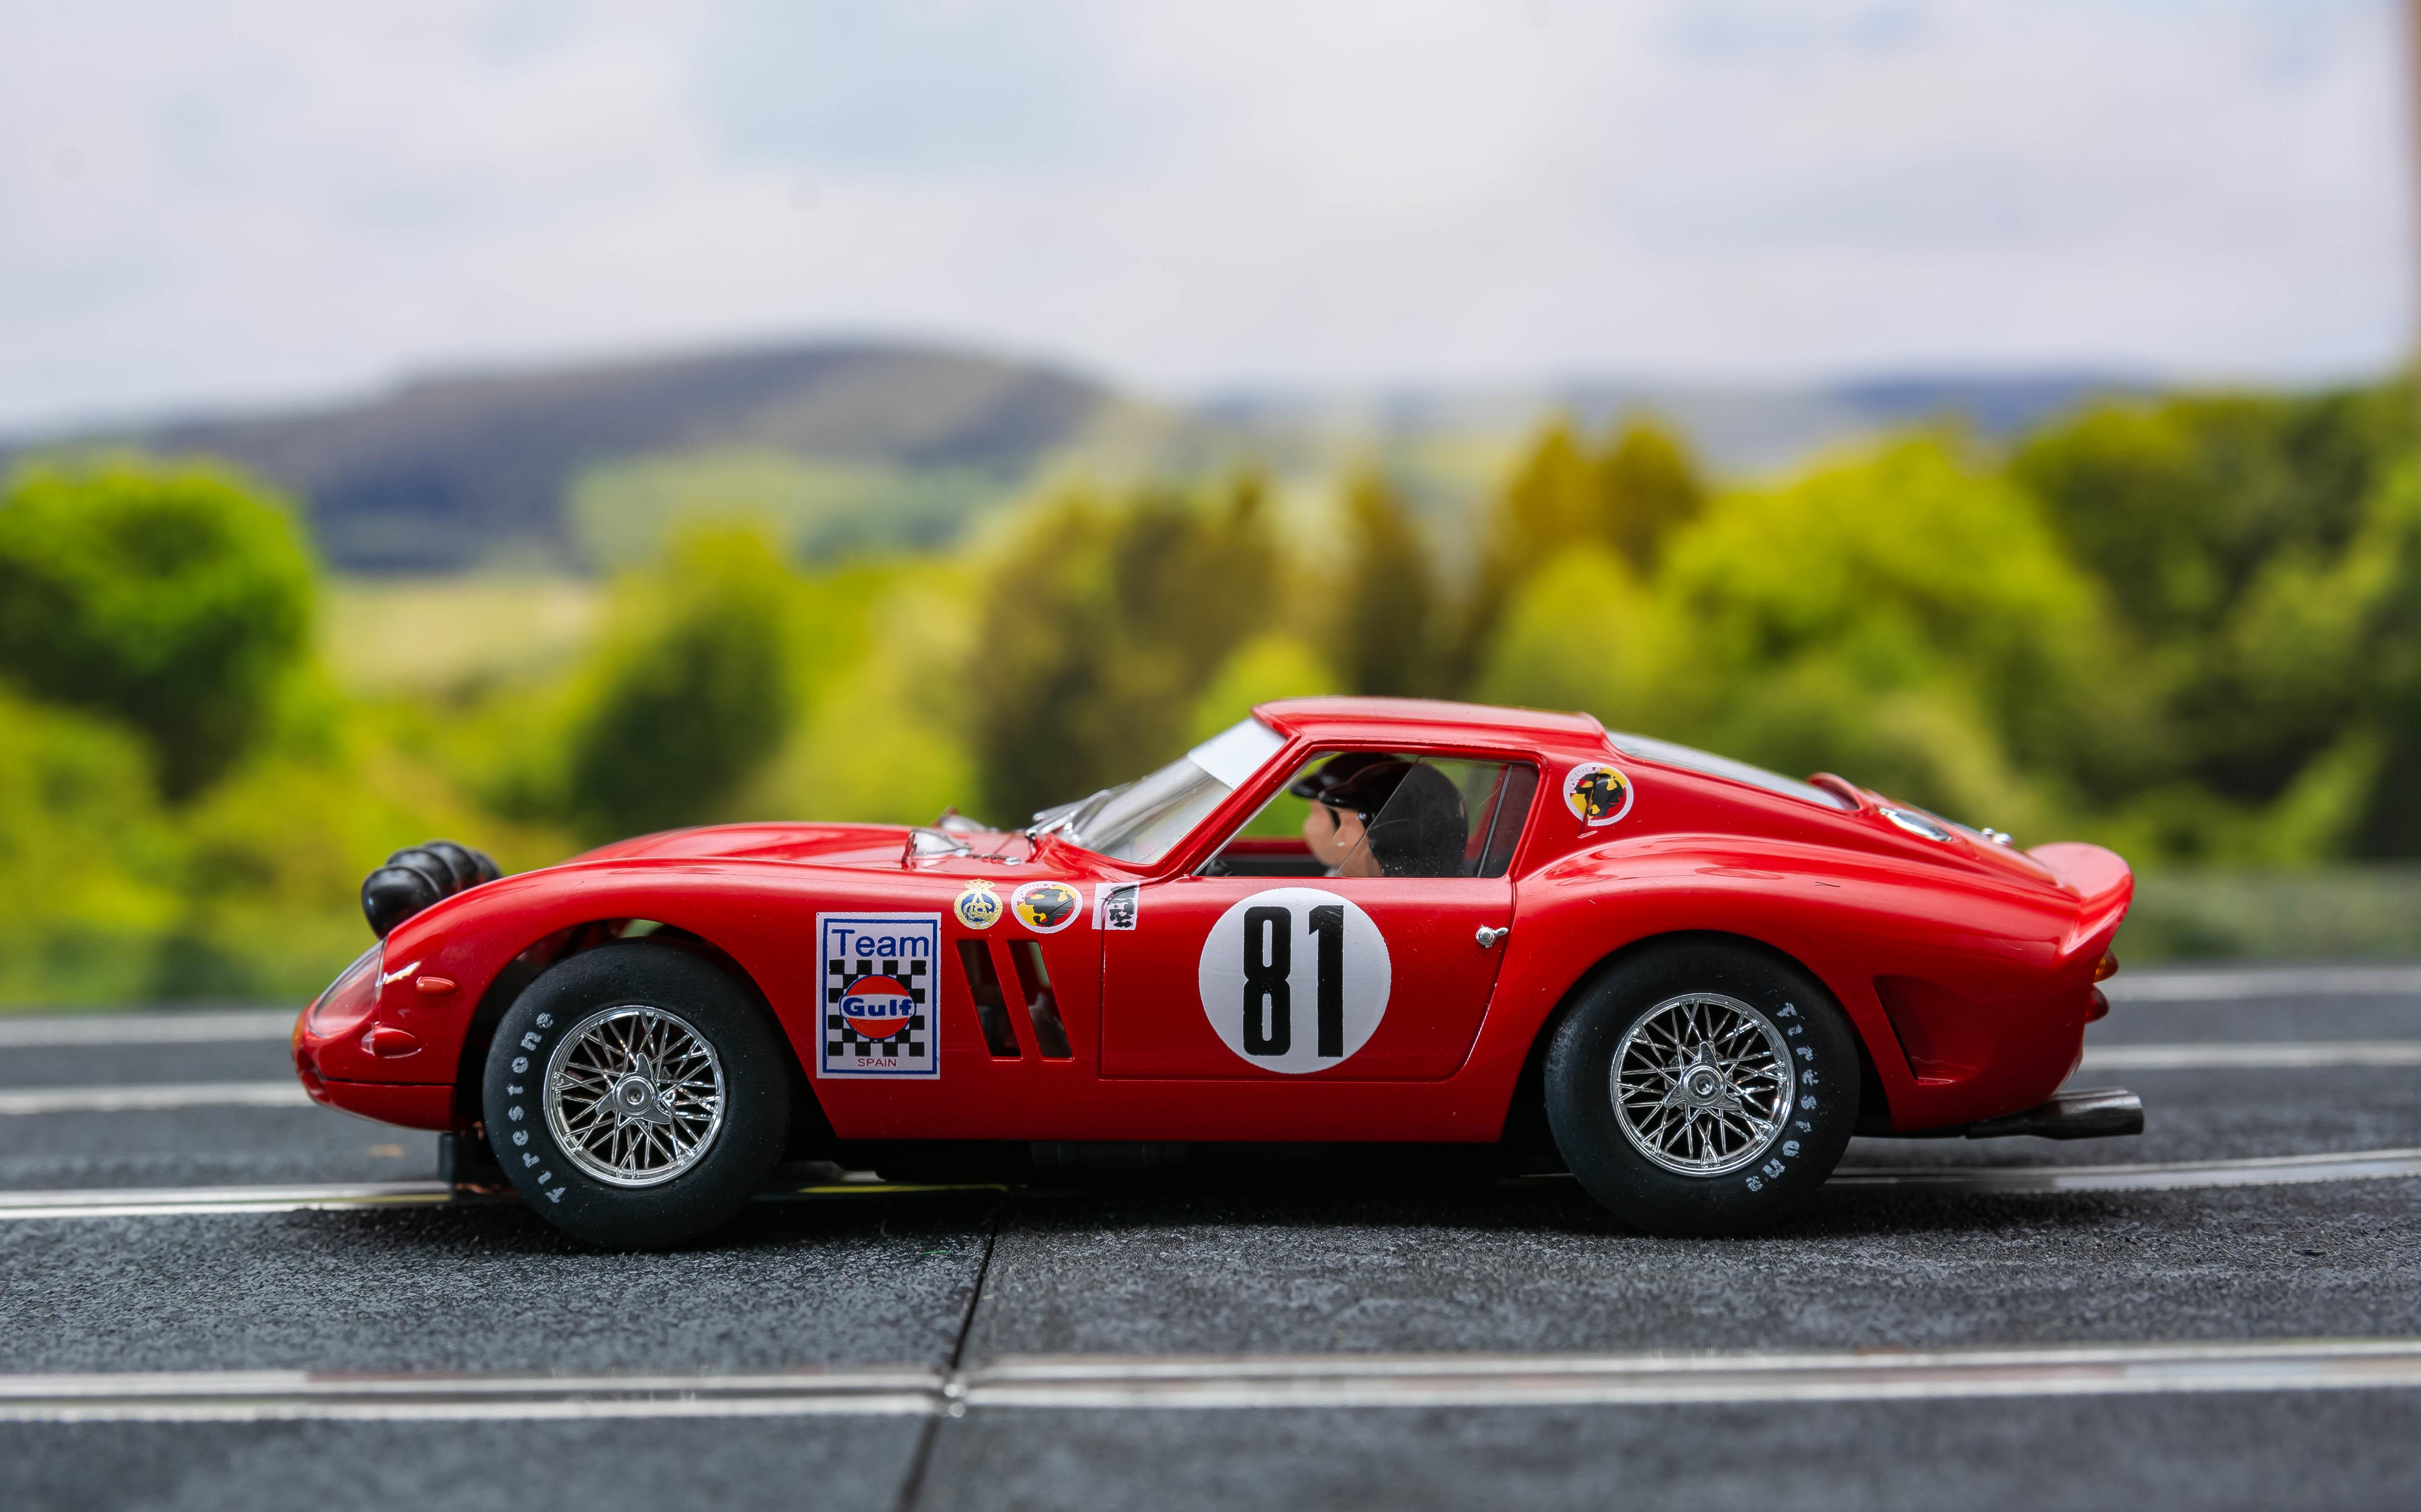 Ferrari Gerona